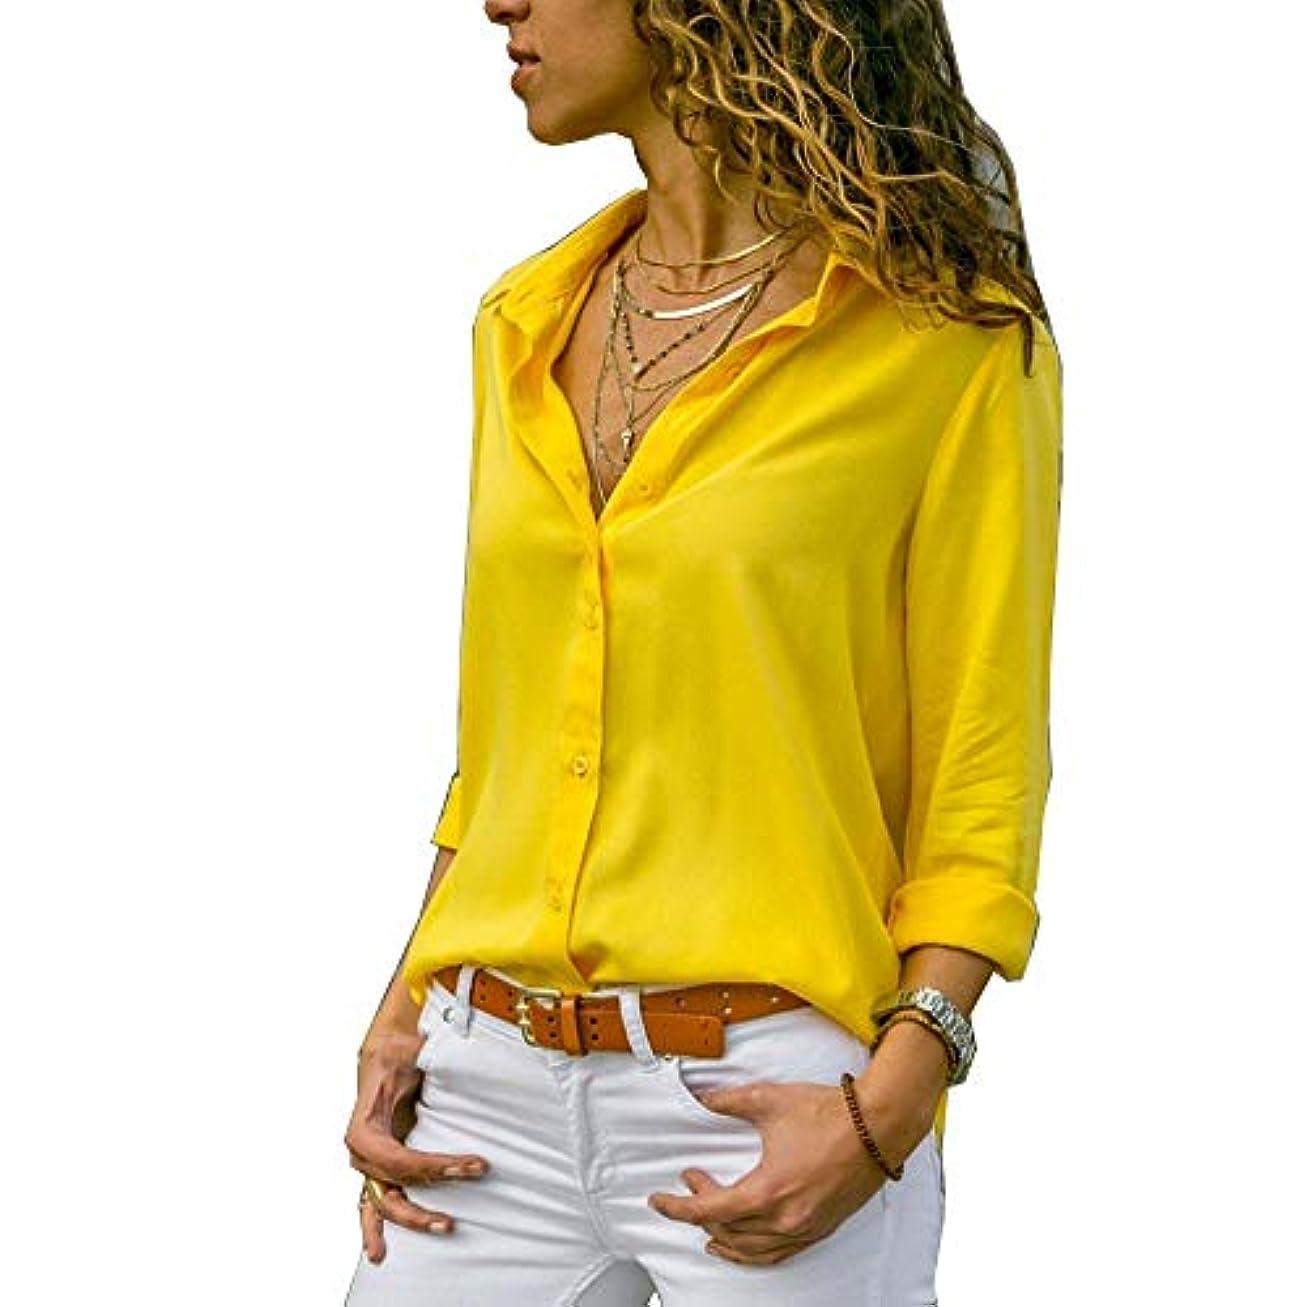 バルコニー怪物モードリンMIFAN ルーズシャツ、トップス&Tシャツ、プラスサイズ、トップス&ブラウス、シフォンブラウス、女性トップス、シフォンシャツ